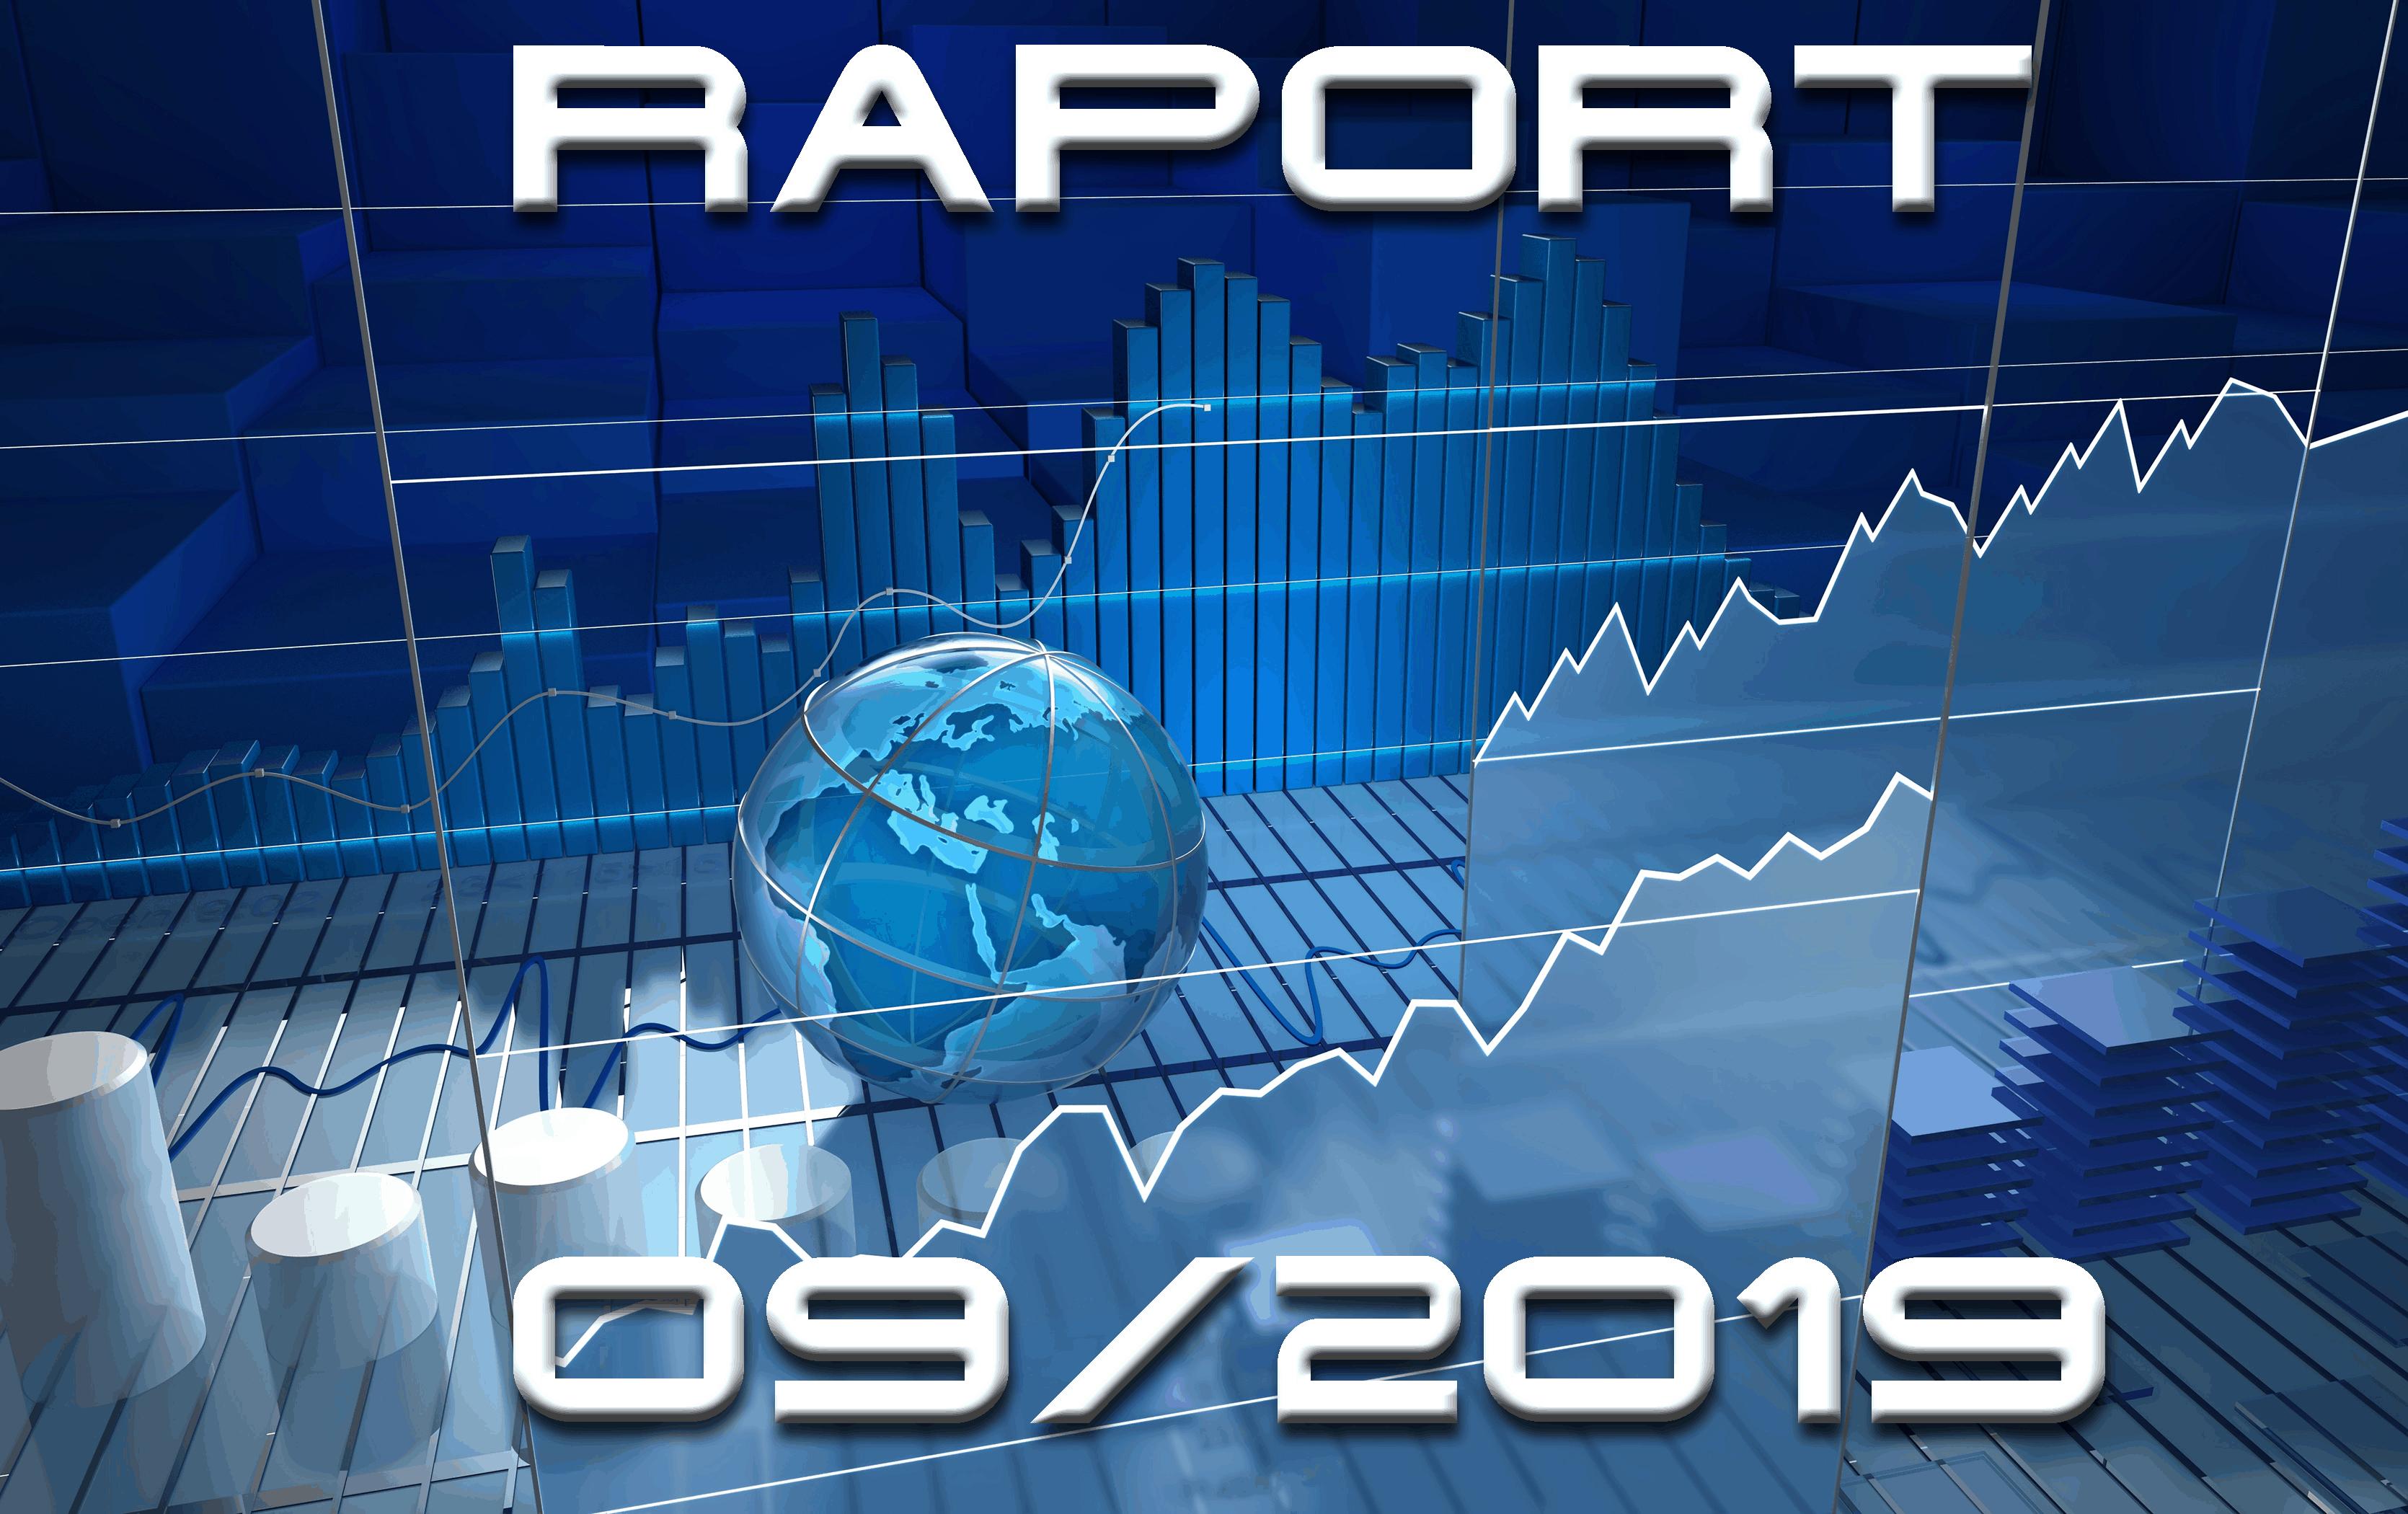 intraday'owa statystyka - raport wrzesień 2019